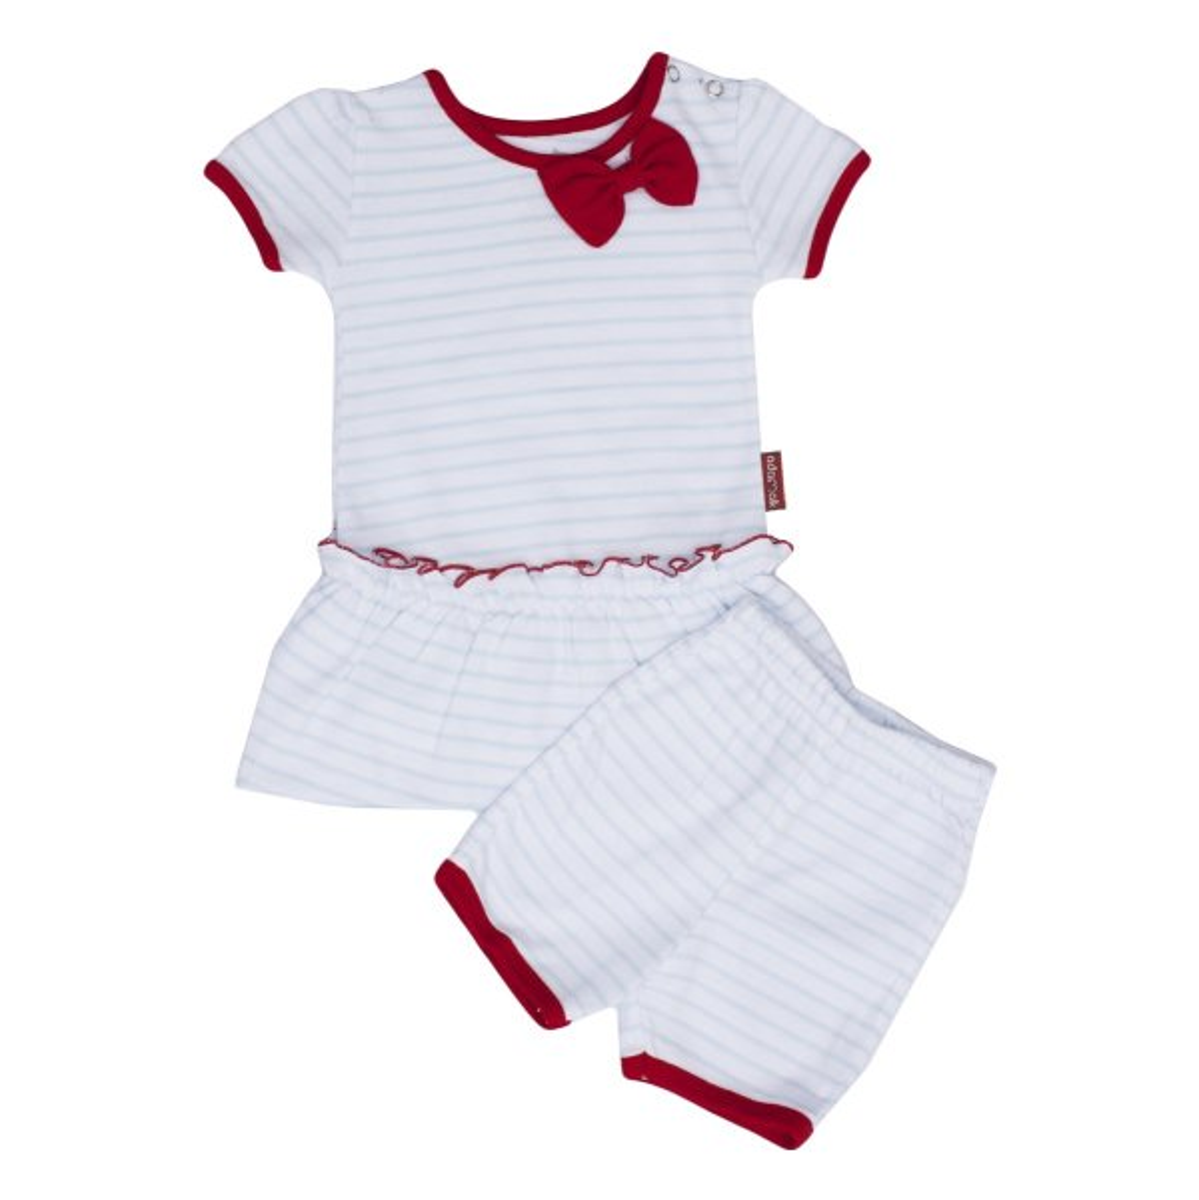 ست 2 تکه لباس دخترانه آدمک مدل 1244001B